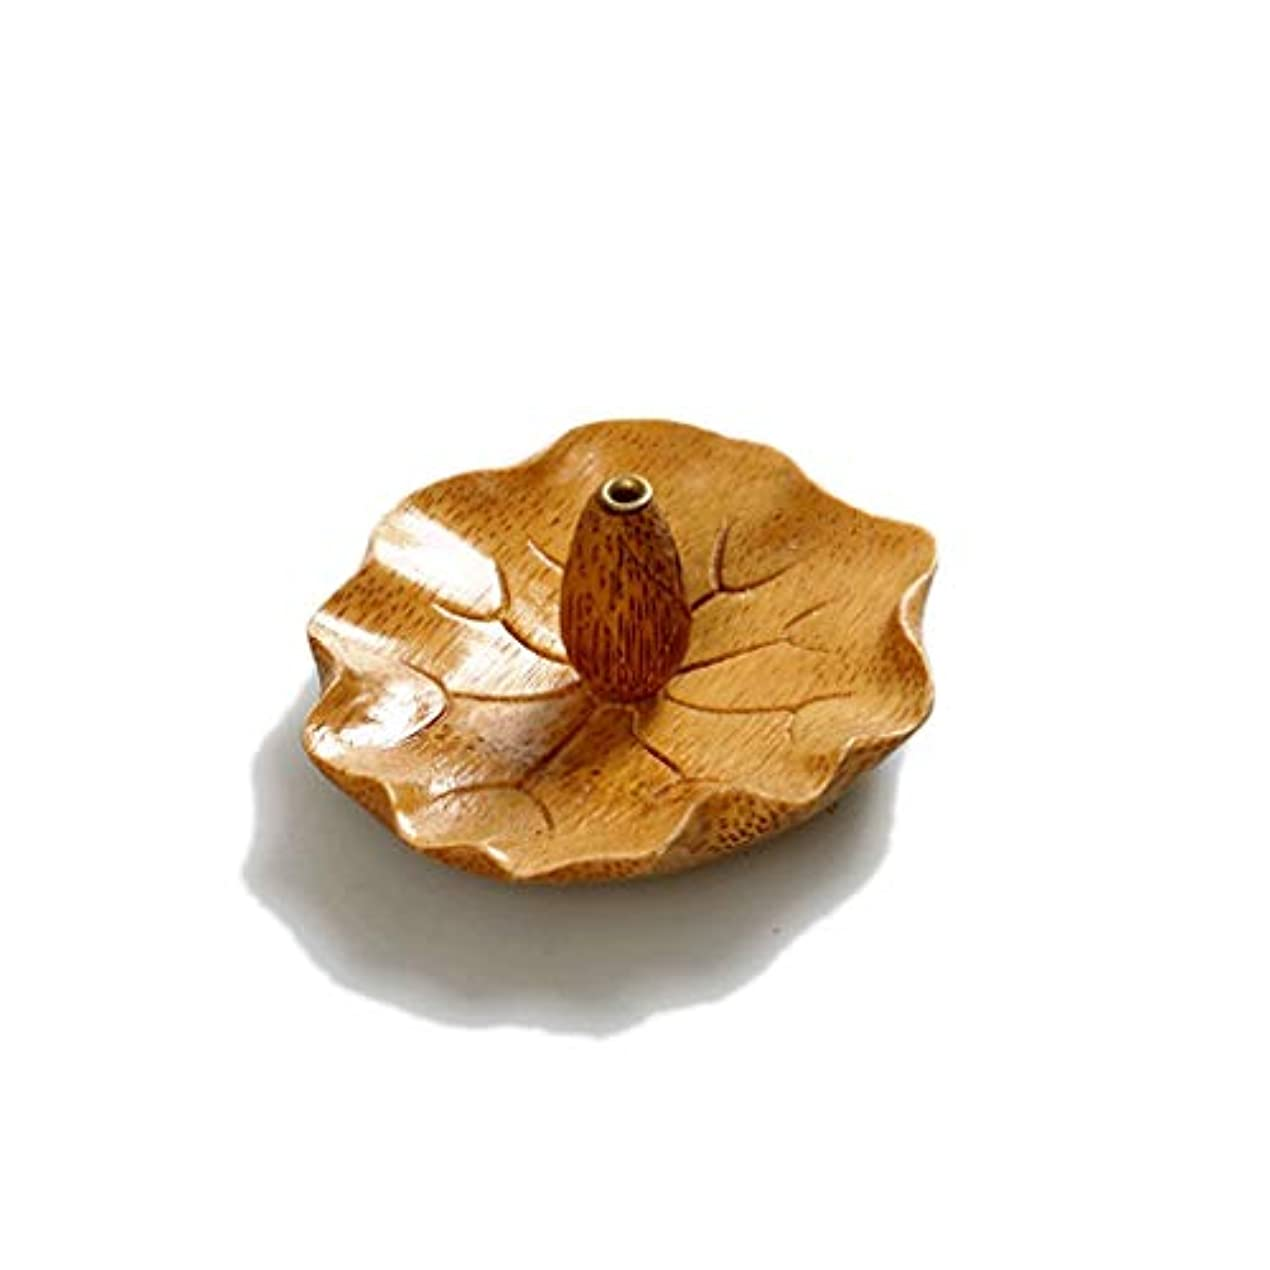 音楽テント通知クリエイティブ竹香ホルダー瞑想香バーナー手作りの葉形の家の装飾香スティックコーンバーナーホルダー (Color : C)